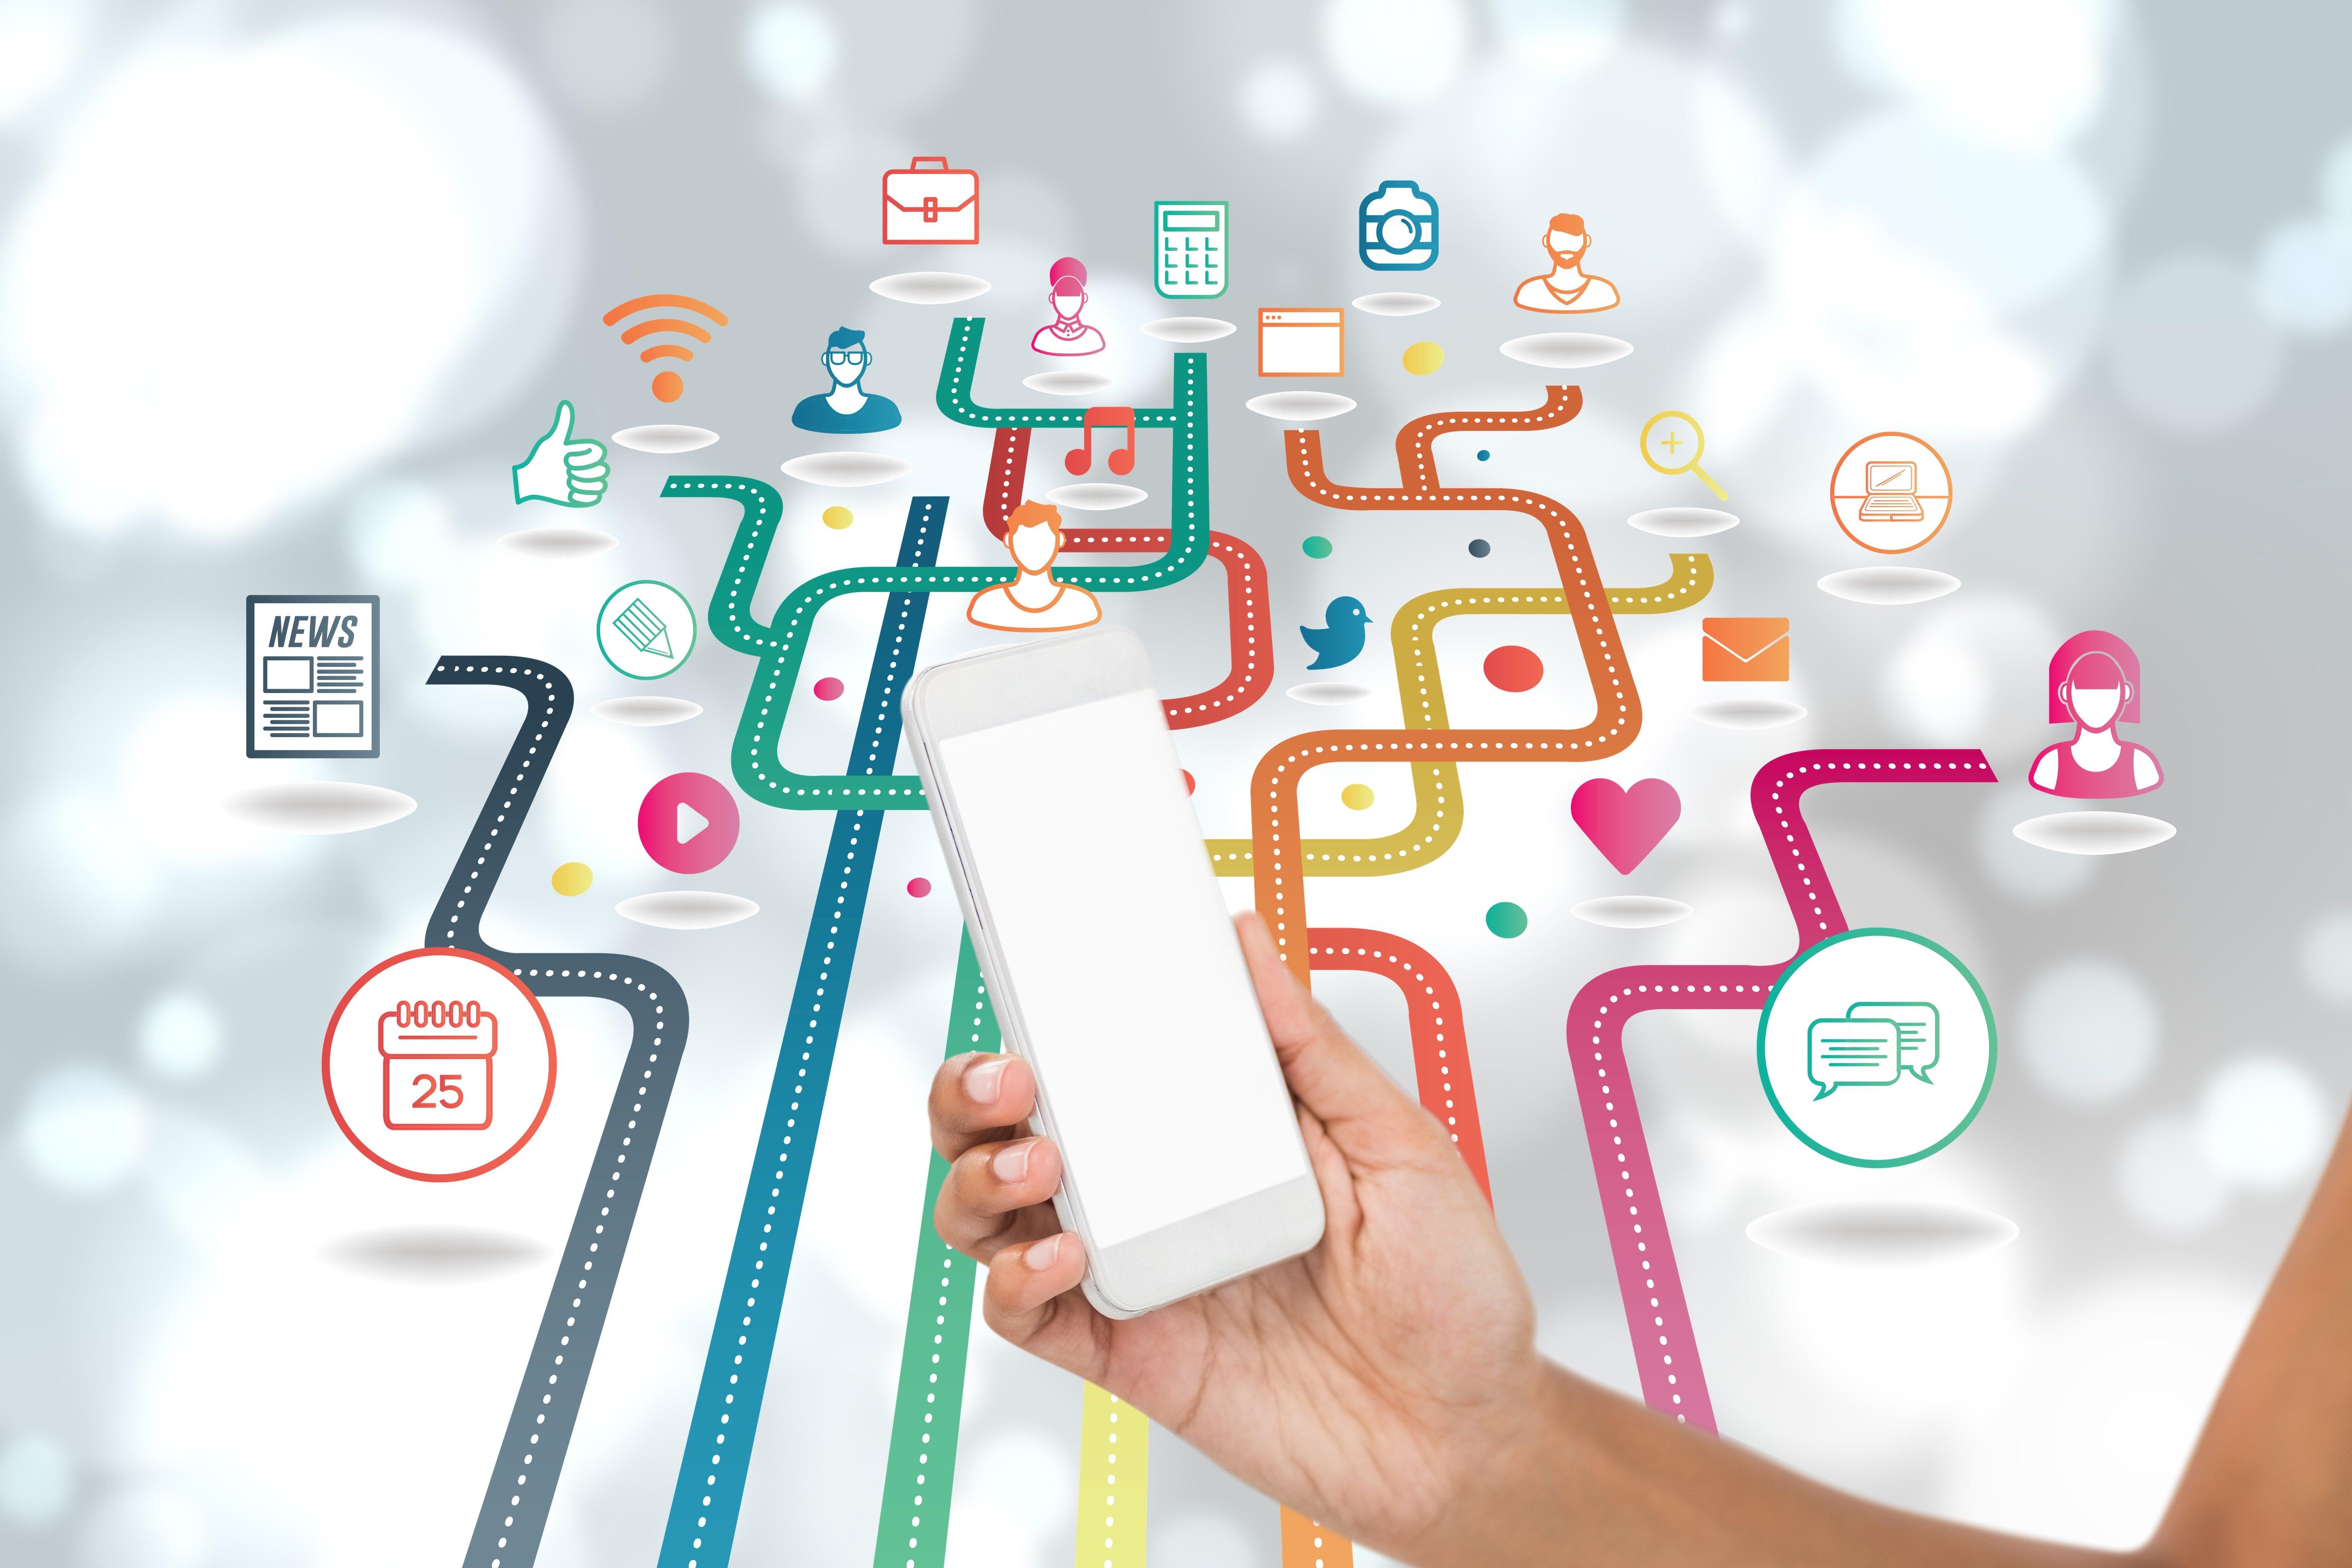 Conversational marketing, come catturare l'attenzione dei tuoi potenziali clienti